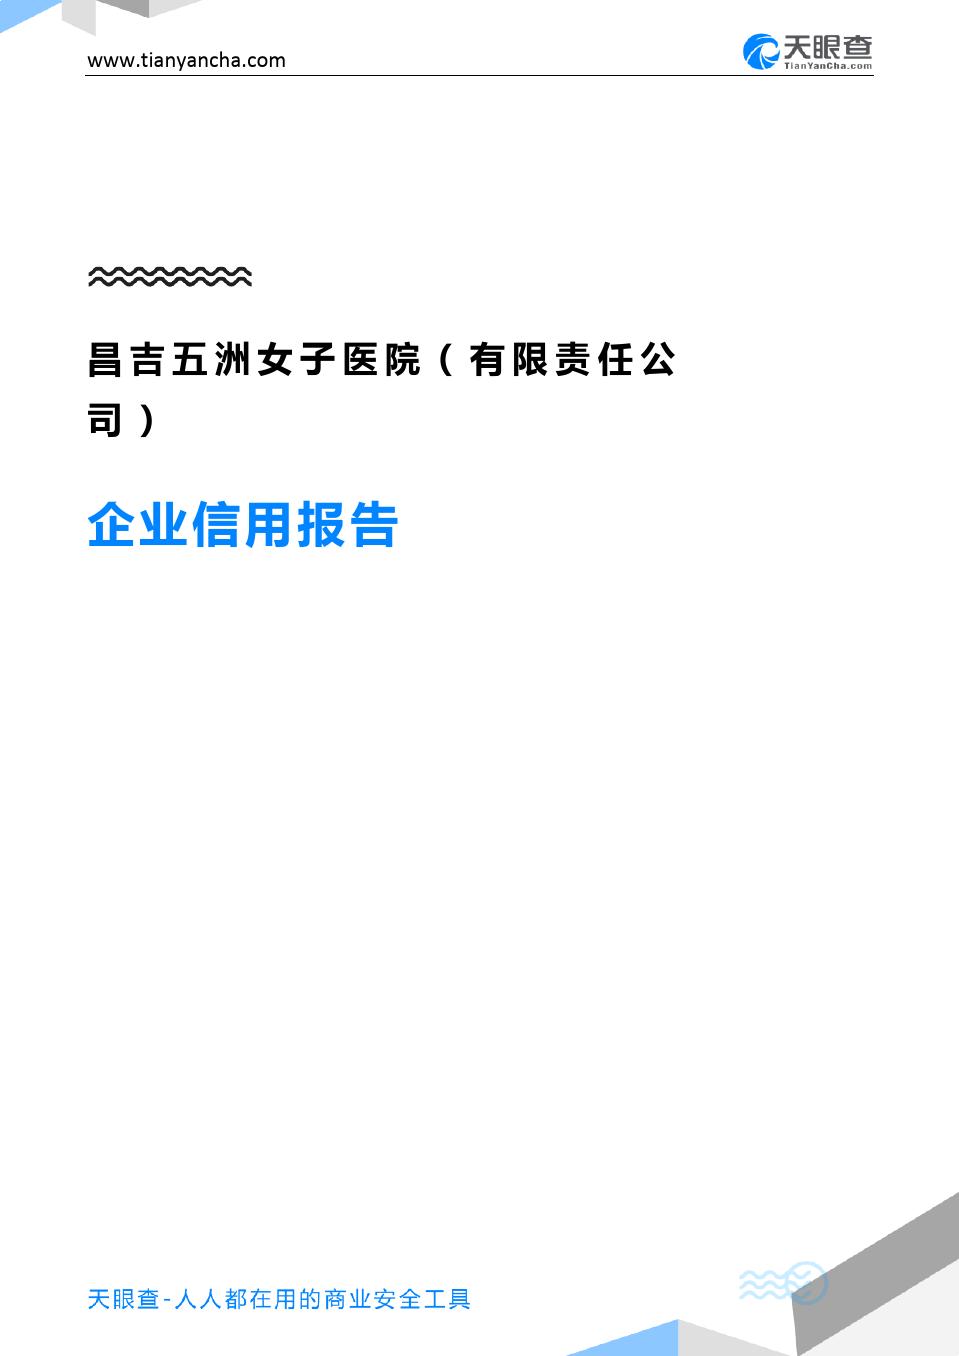 昌吉五洲女子医院(有限责任公司)(企业信用报告)- 天眼查